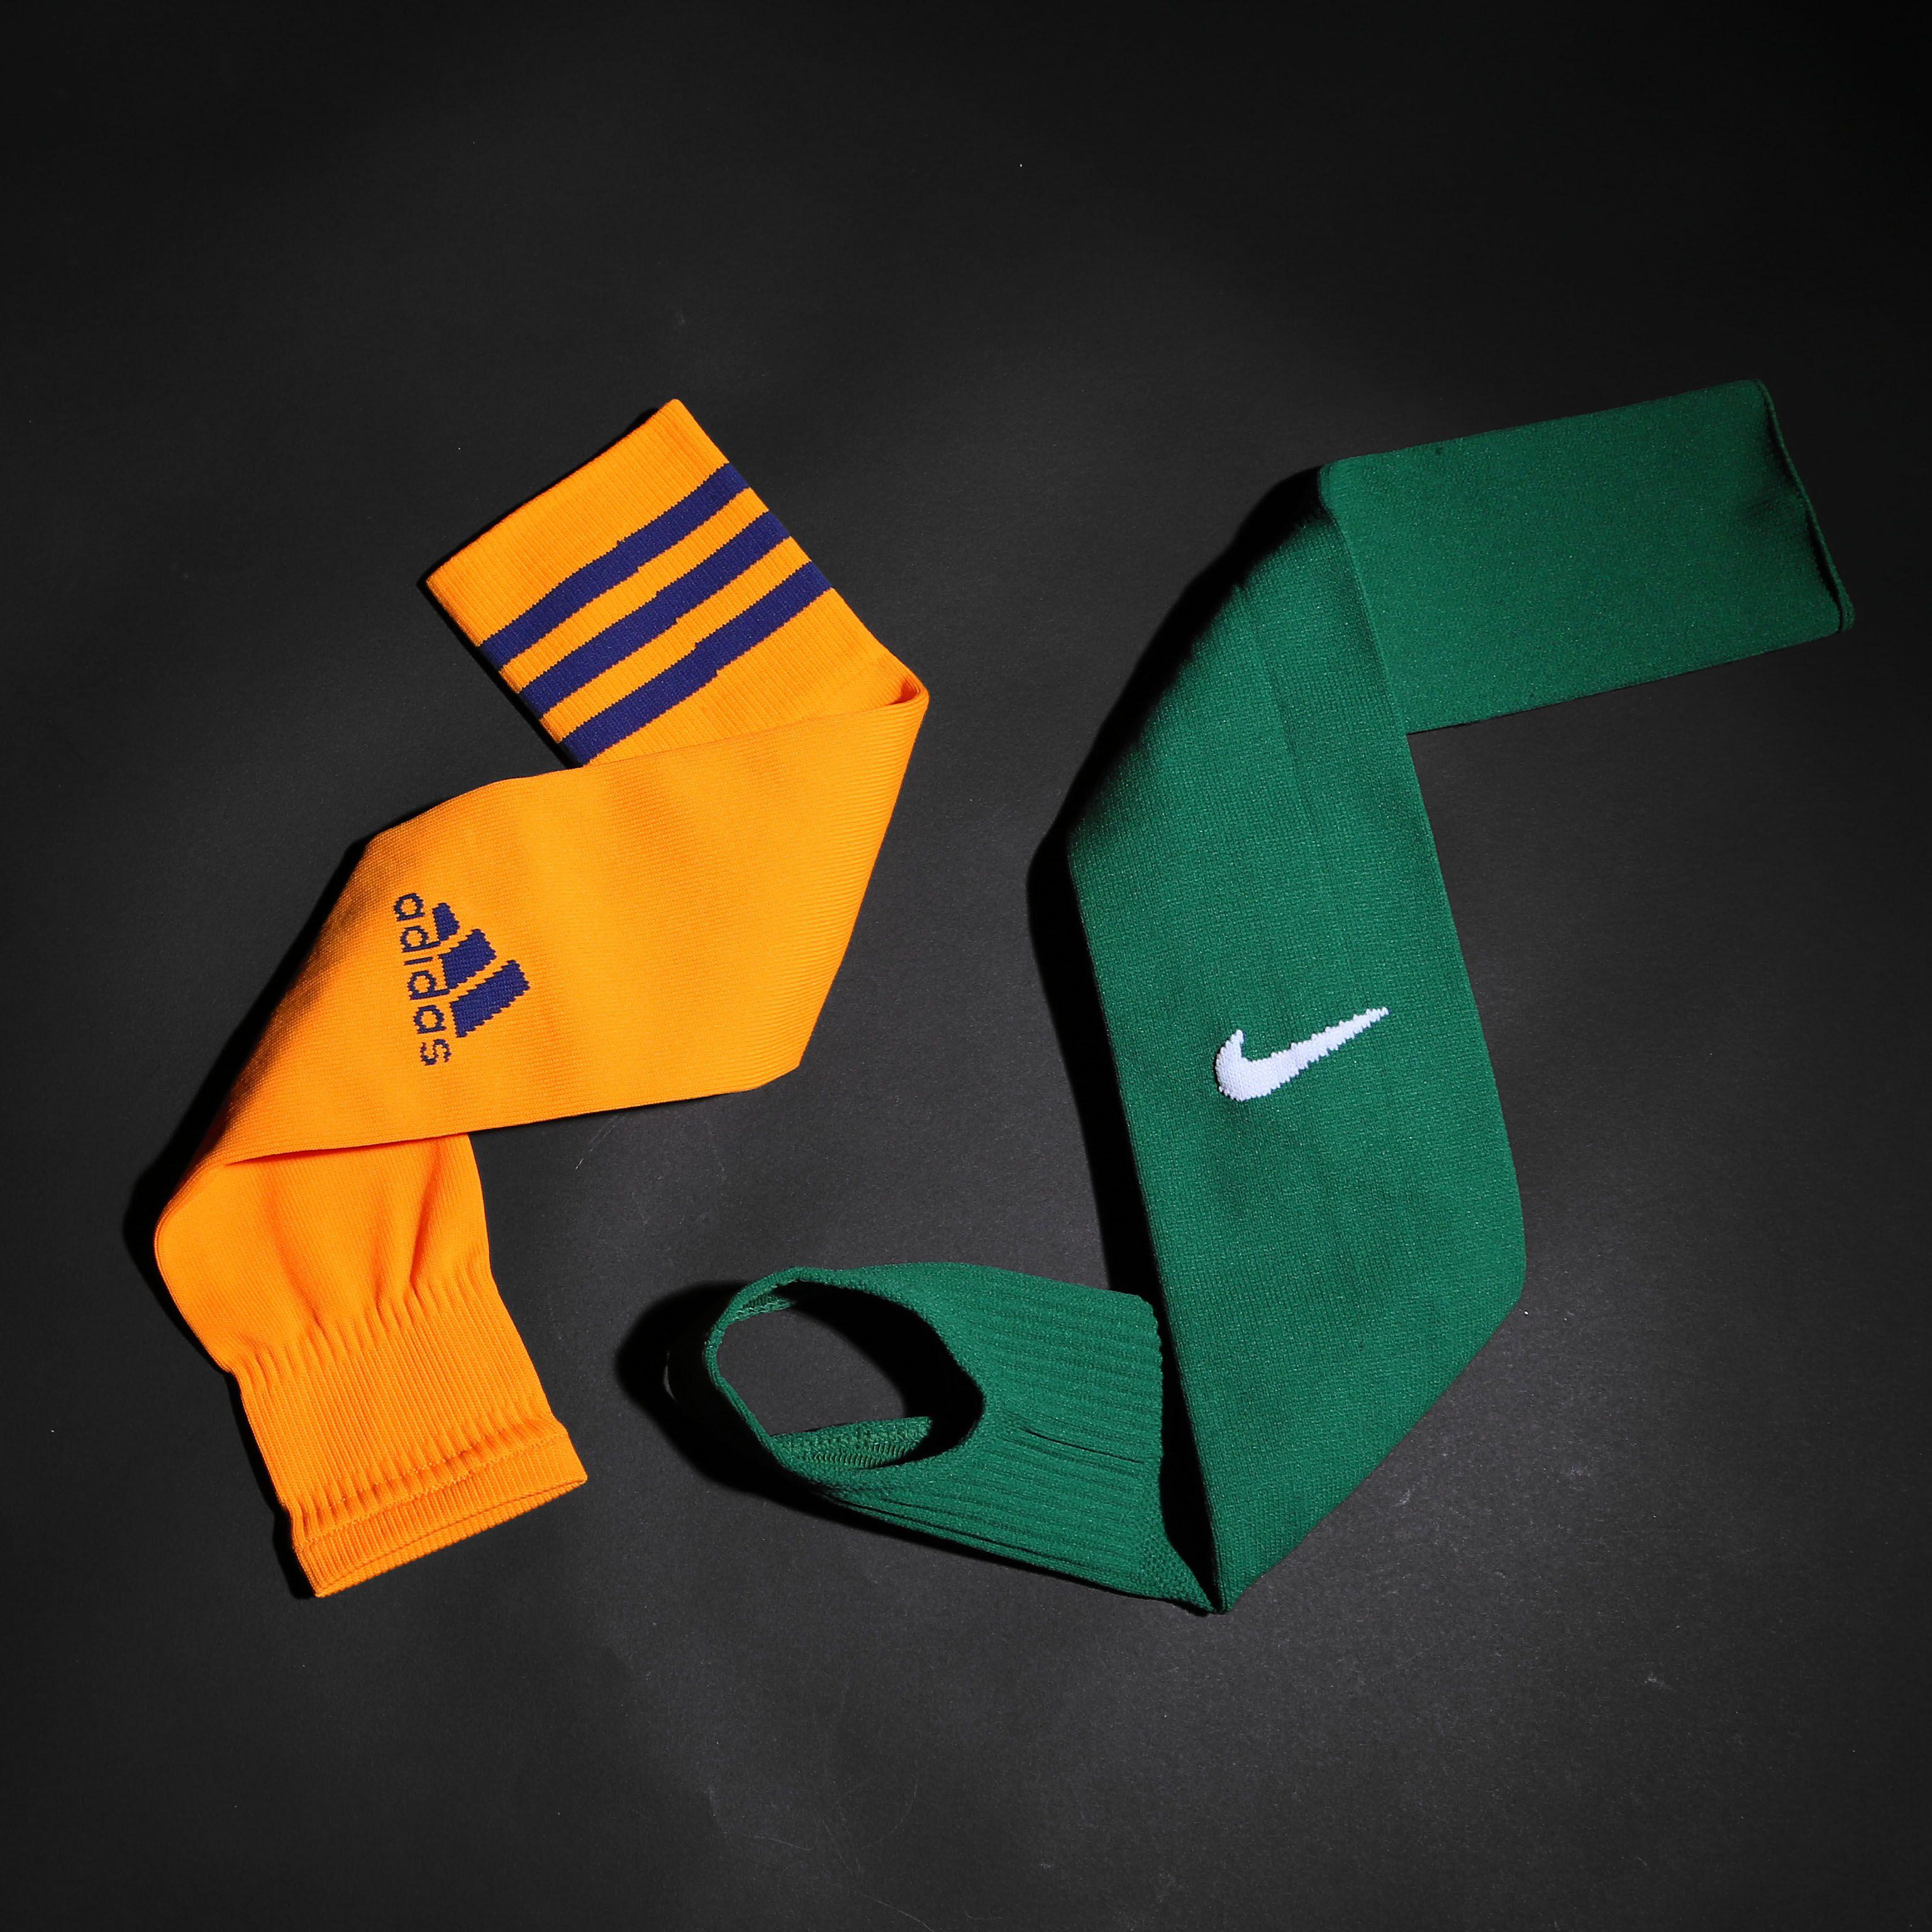 Medias y calcetines sin pie para fútbol. Foto  Marcela Sansalvador para  futbolmania.com 866f53102583b